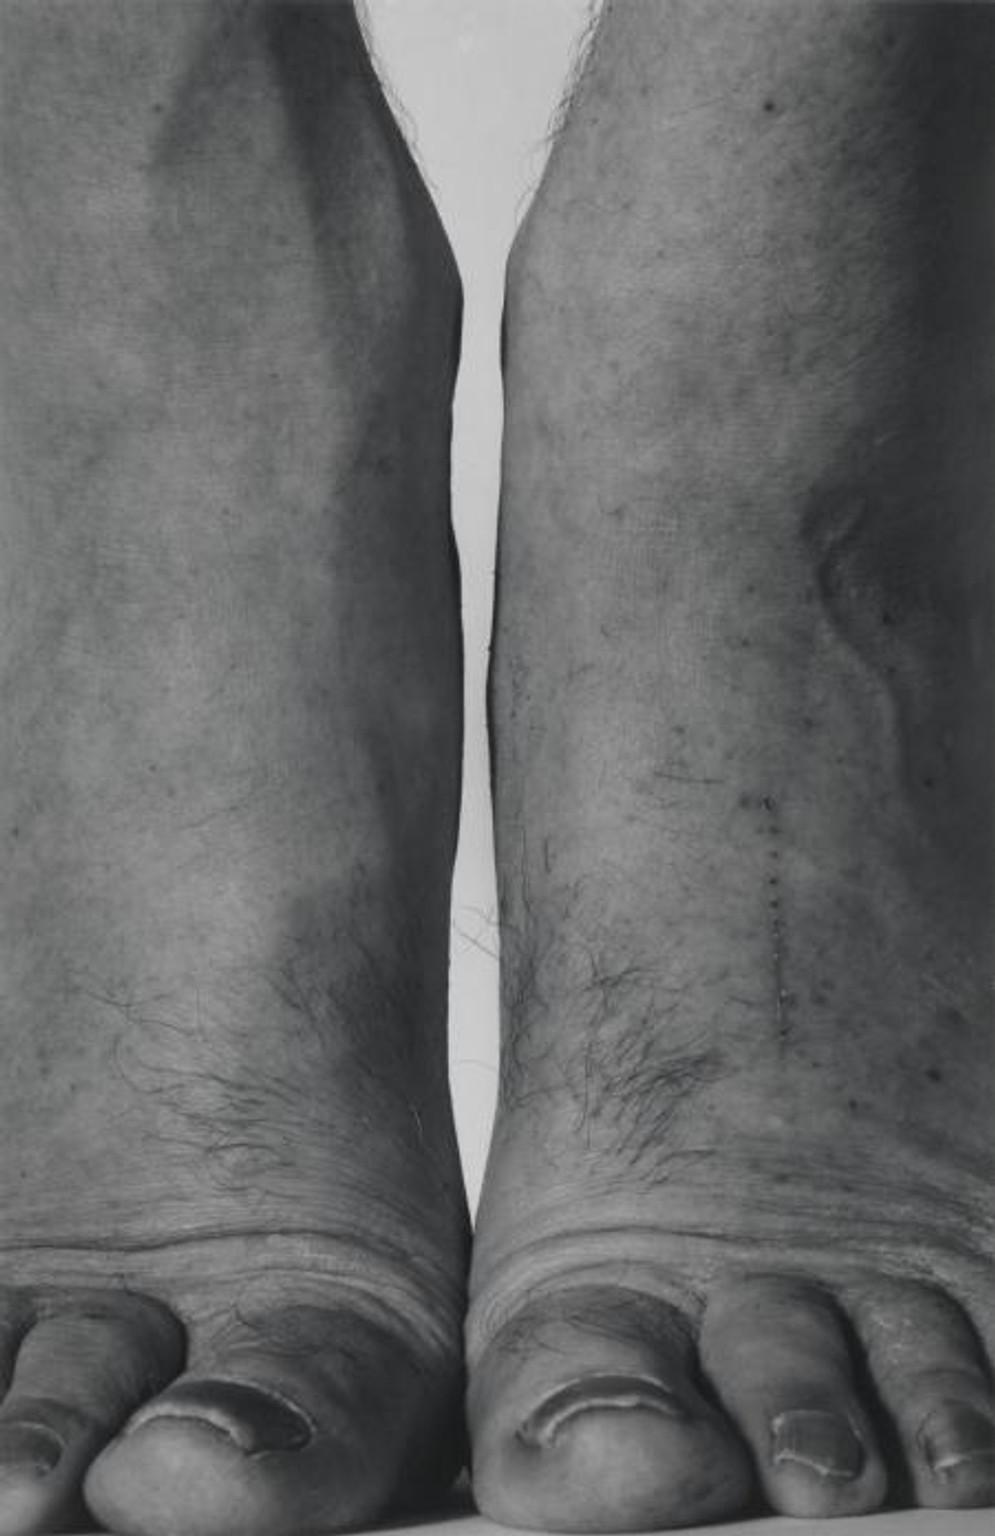 Self-Portrait (Feet Frontal) 1984 by John Coplans 1920-2003